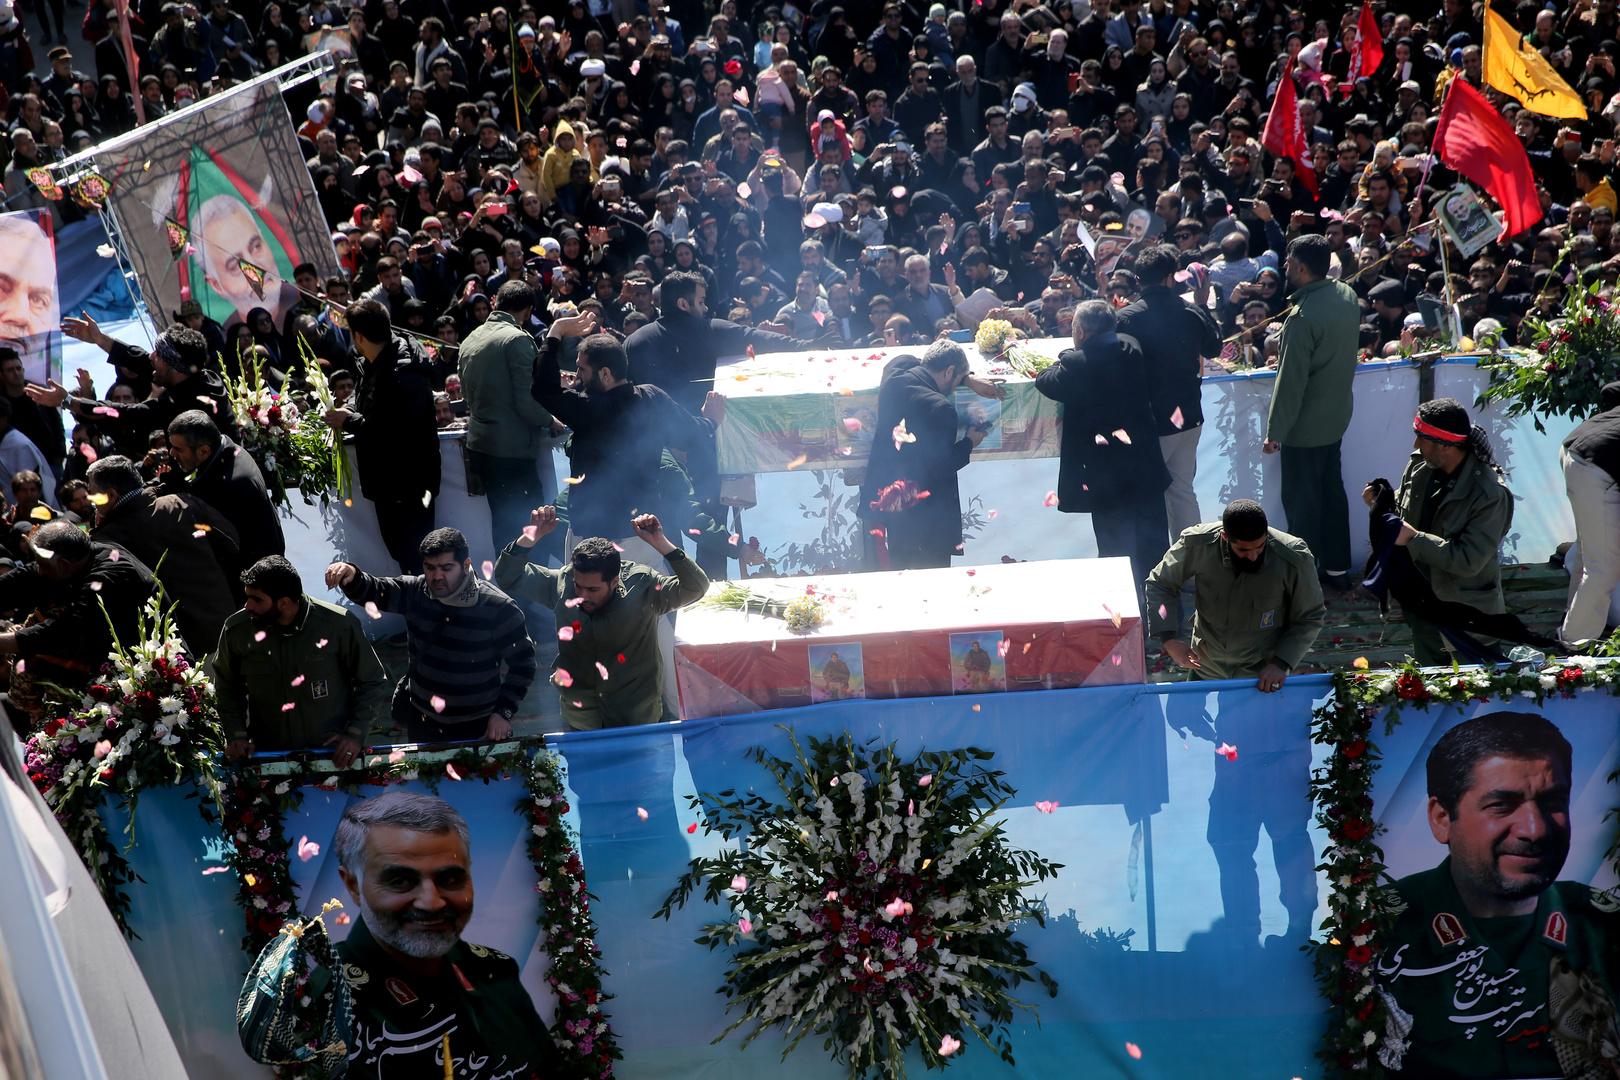 قتلى وجرحى بتدافع مشيعي قاسم سليماني في مدينة كرمان الإيرانية